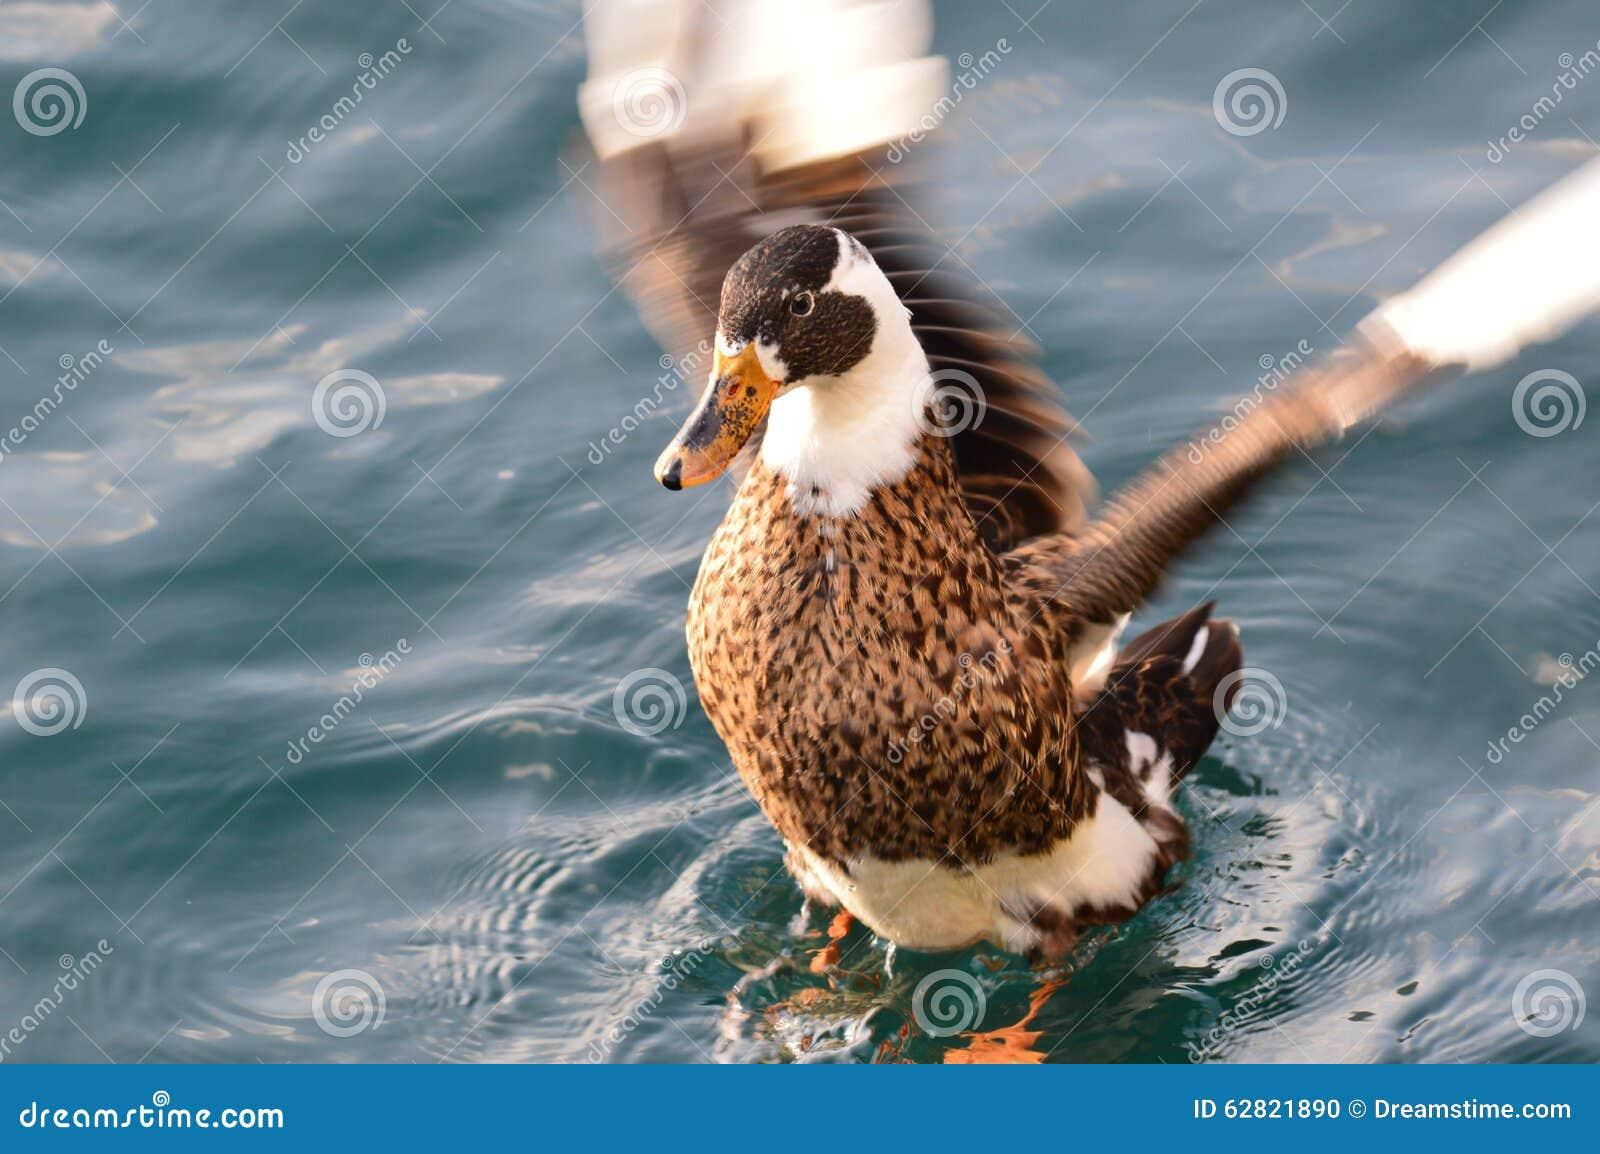 Aterrizaje del pato en el agua